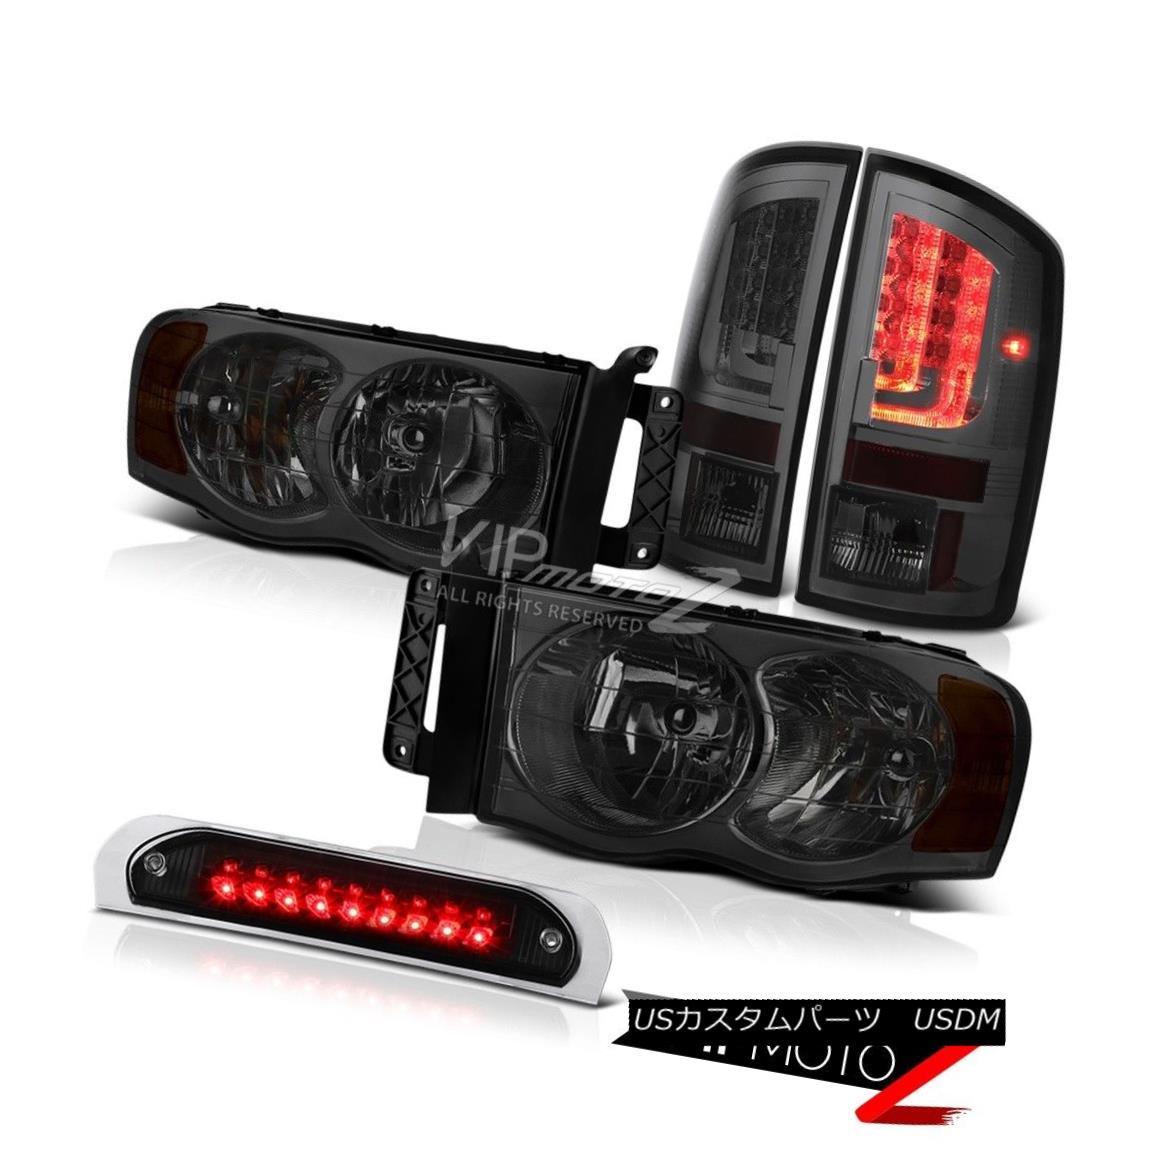 テールライト 02-05 Dodge Ram 2500 3500 ST Tail Lights Roof Brake Lamp Headlights